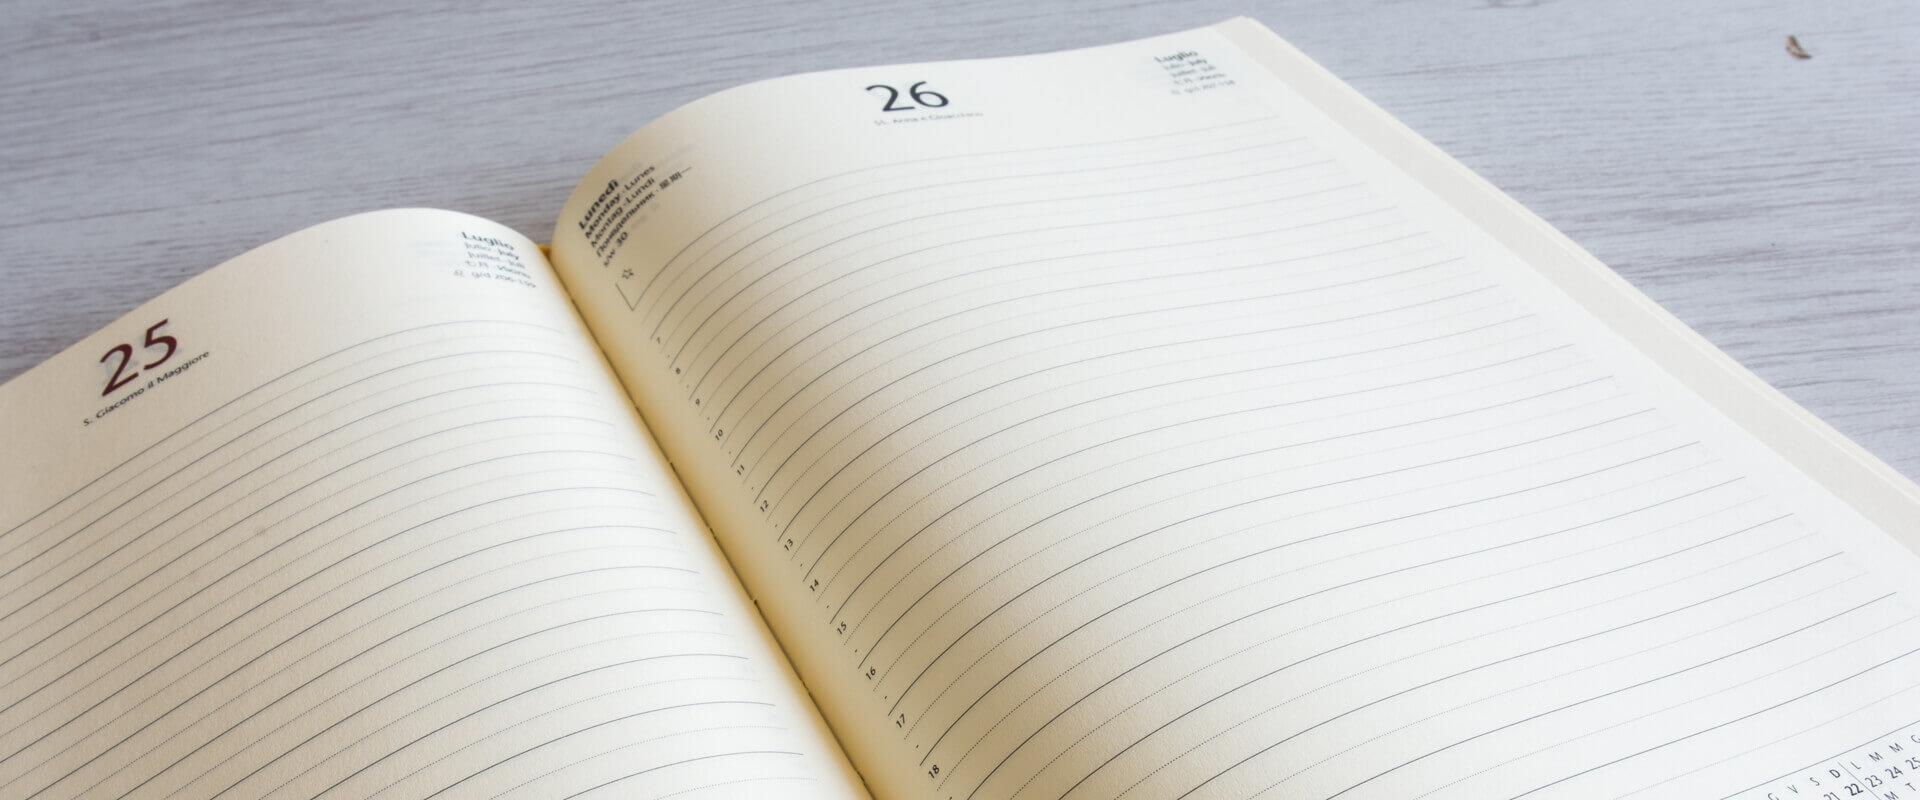 interno agenda giornaliera 2021